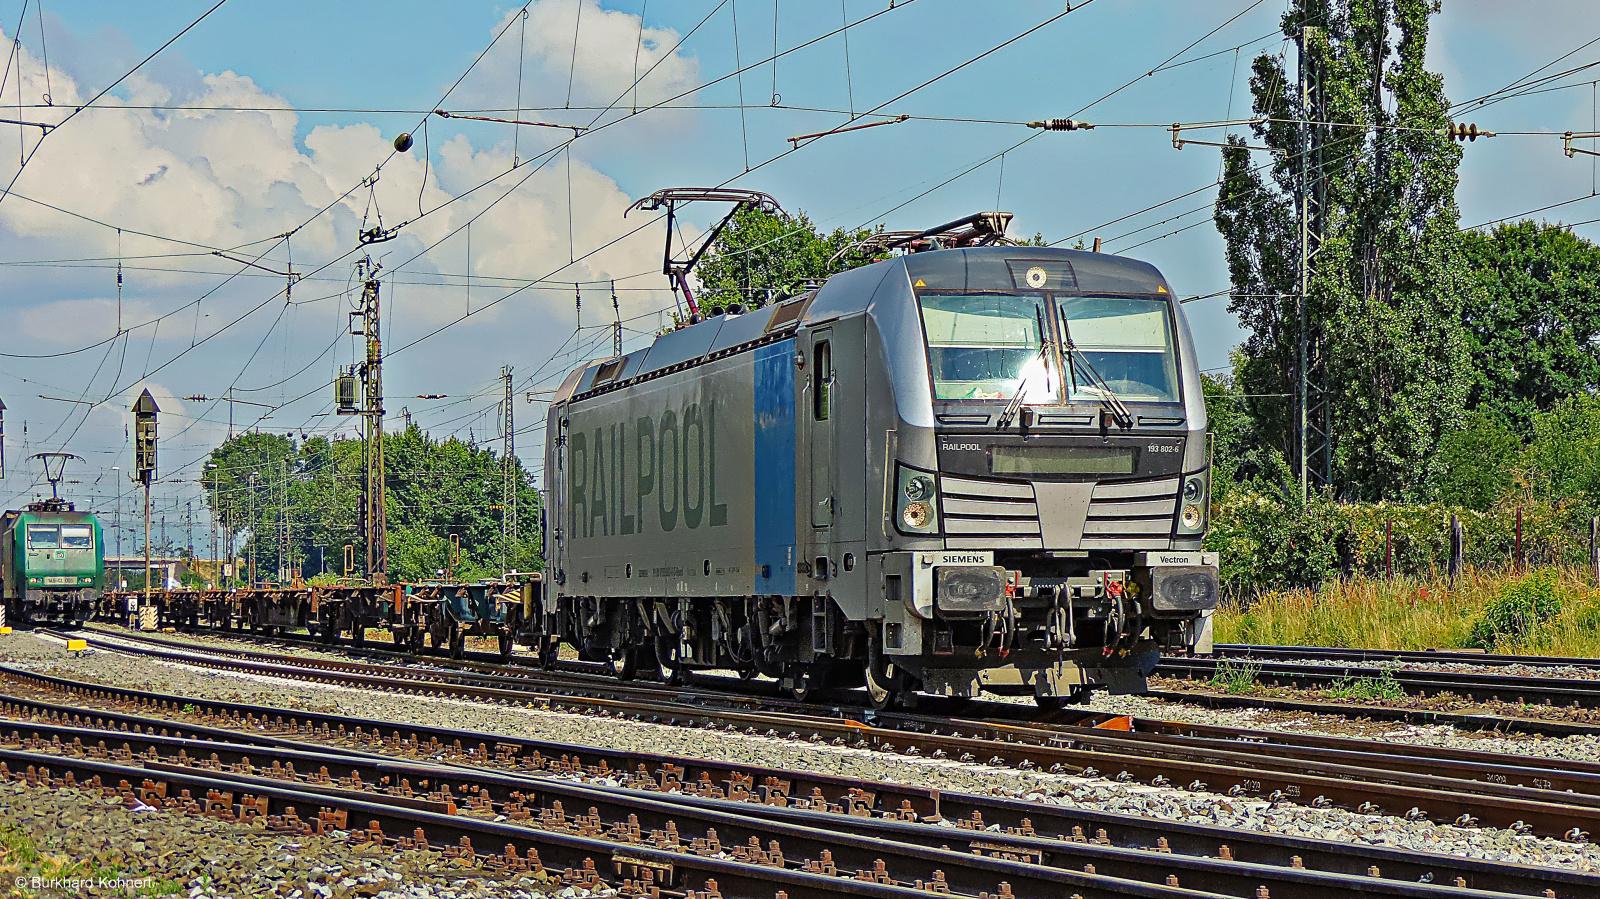 193 802-6 Railpool